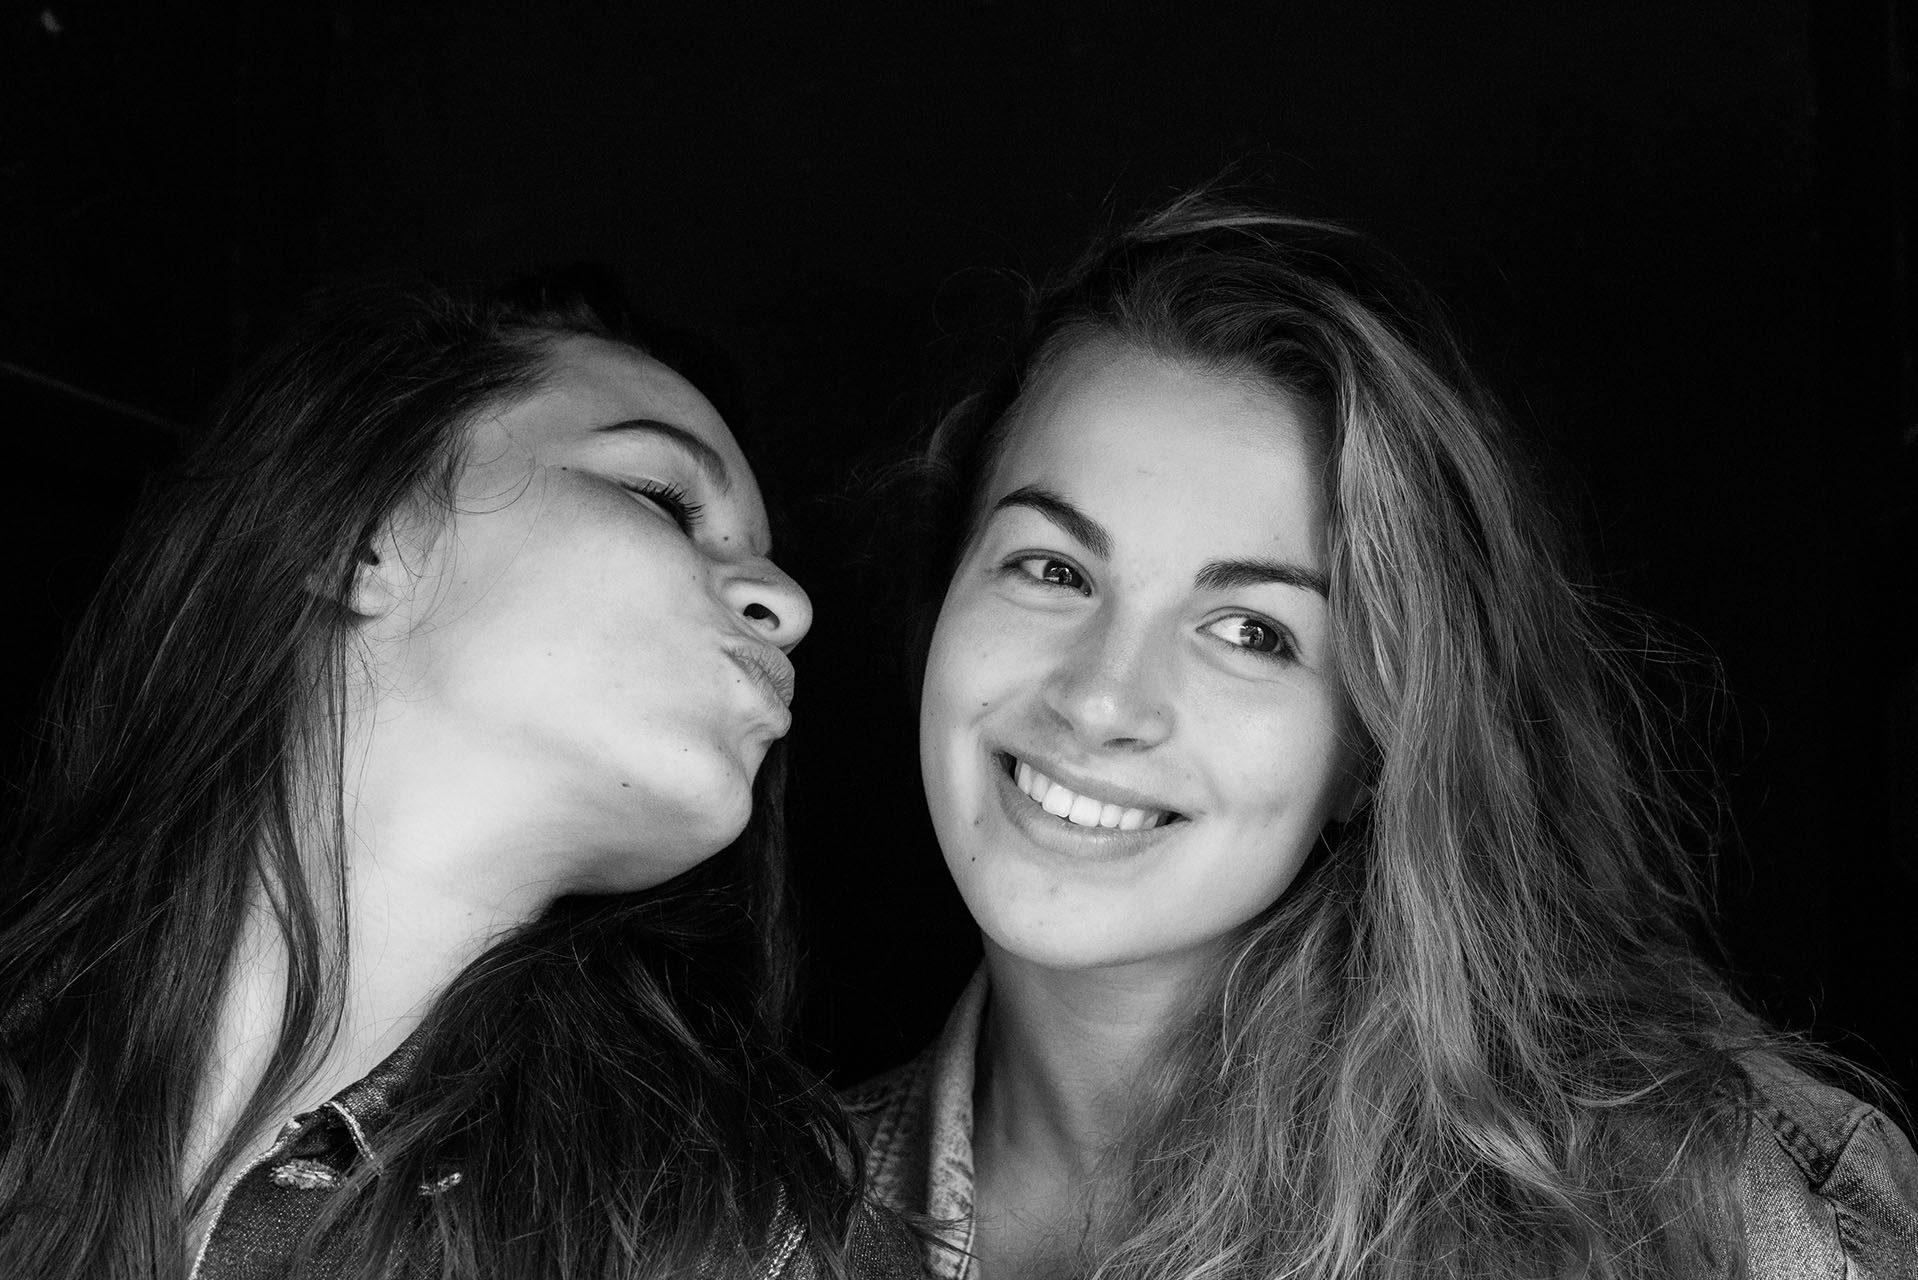 photographe-portraits-famille-maya-angelsen-ile-de-france-paris-laurine-justine